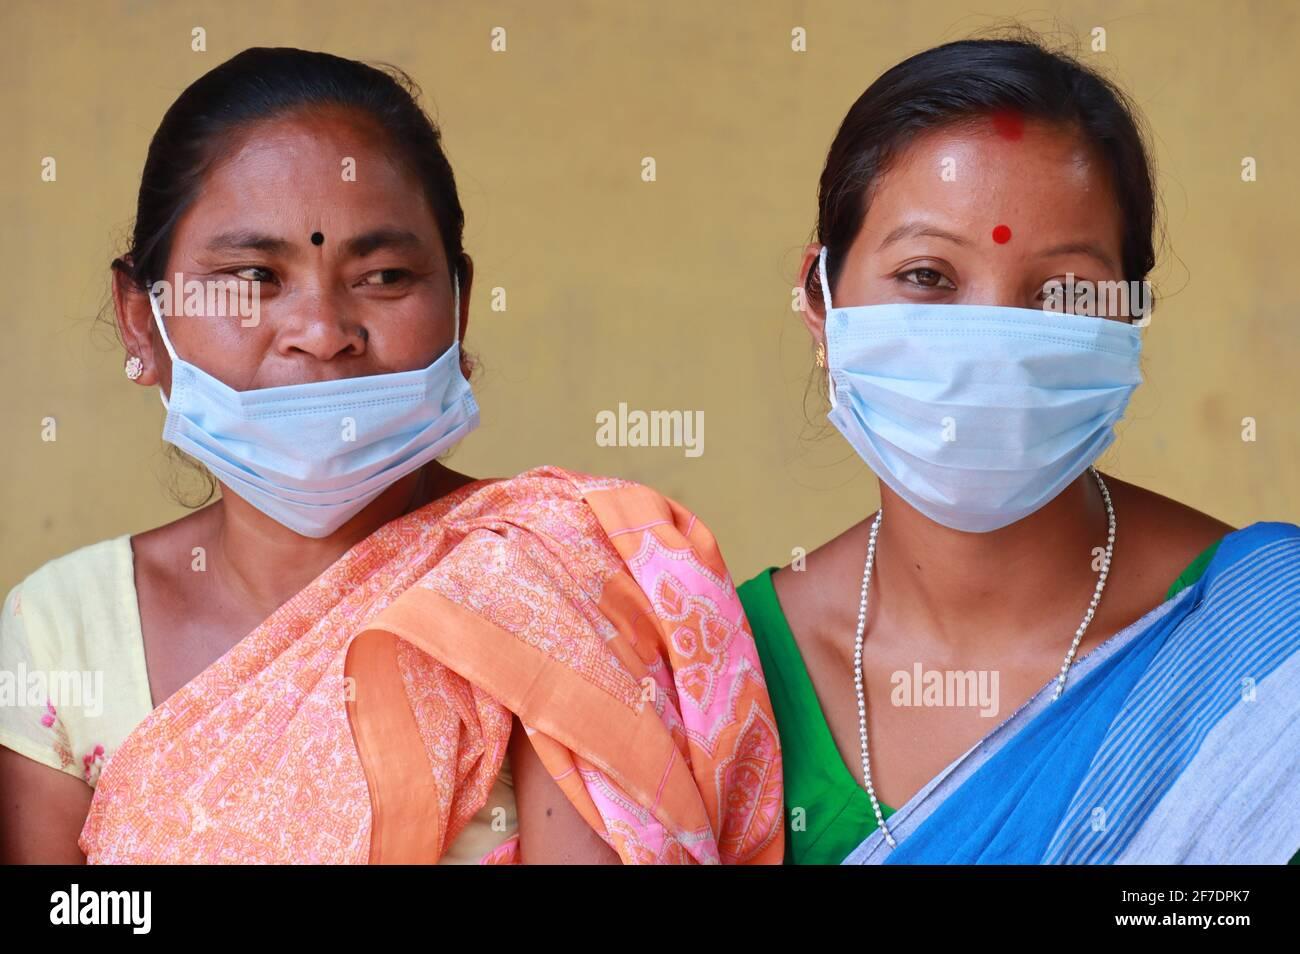 Kamrup, Assam, India. 6 Apr 2021. Gli elettori di un seggio nella terza fase delle elezioni dell'Assemblea di Assam, in un villaggio in mezzo alla pandemia del coronavirus COVID-19 il 6 aprile 2021 a Kamrup, India. Le elezioni dell'assemblea nello stato di Assam si sono svolte in tre fasi a partire da marzo 27. I voti sono stati interrogati in 1, 53,538 stazioni di polling distribuite oggi in 475 circoscrizioni di Assemblea in cinque stati dell'India. Credit: David Talukdar/ZUMA Wire/Alamy Live News Foto Stock